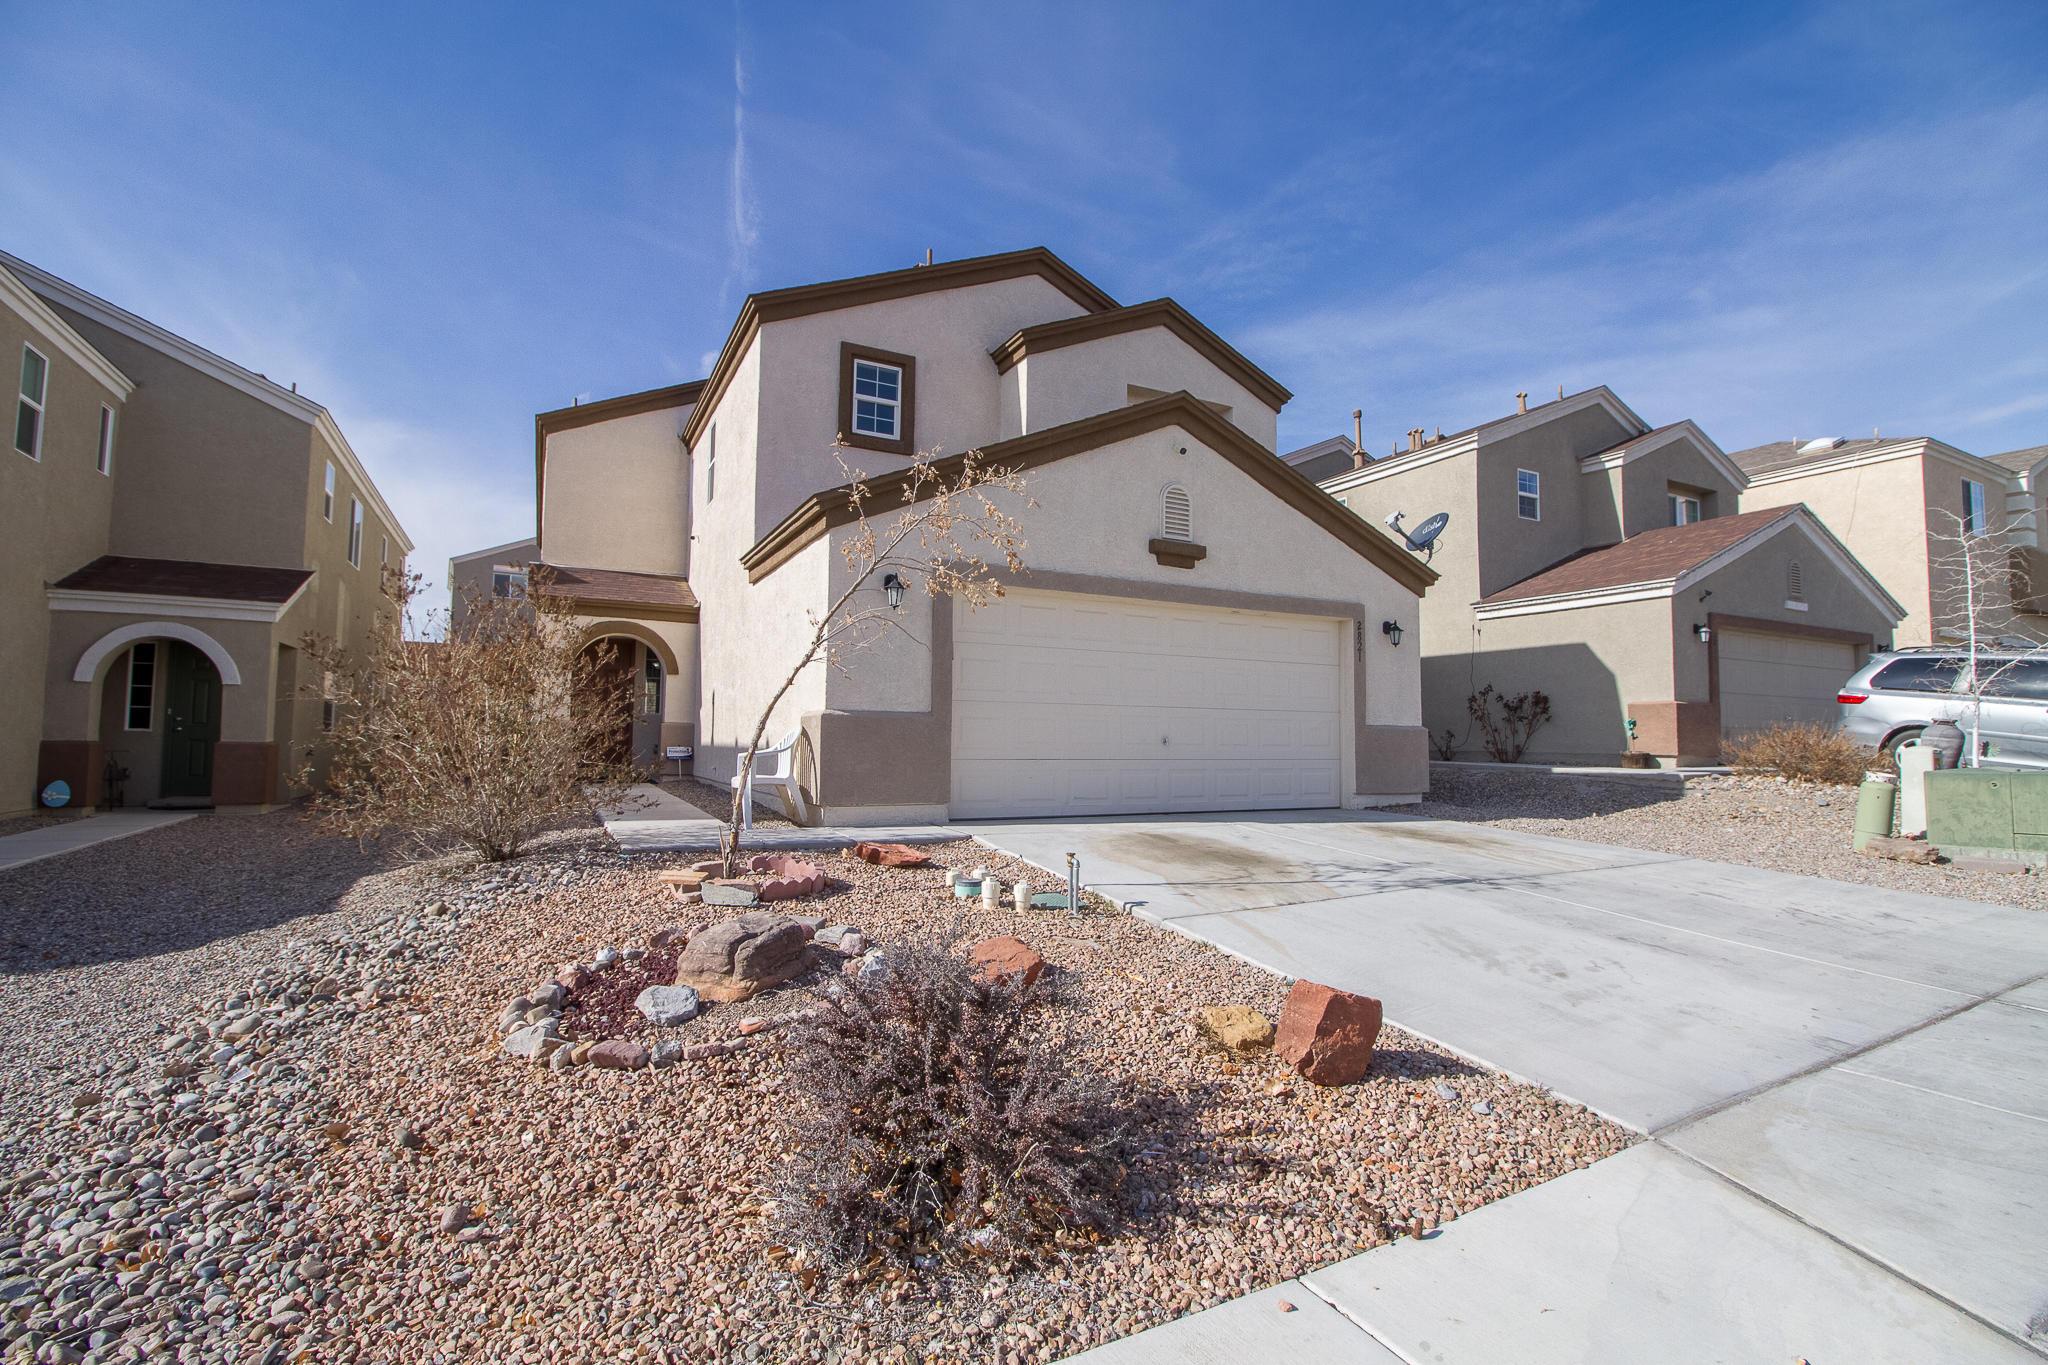 2821 BACO NOIR Drive, Albuquerque NM 87121